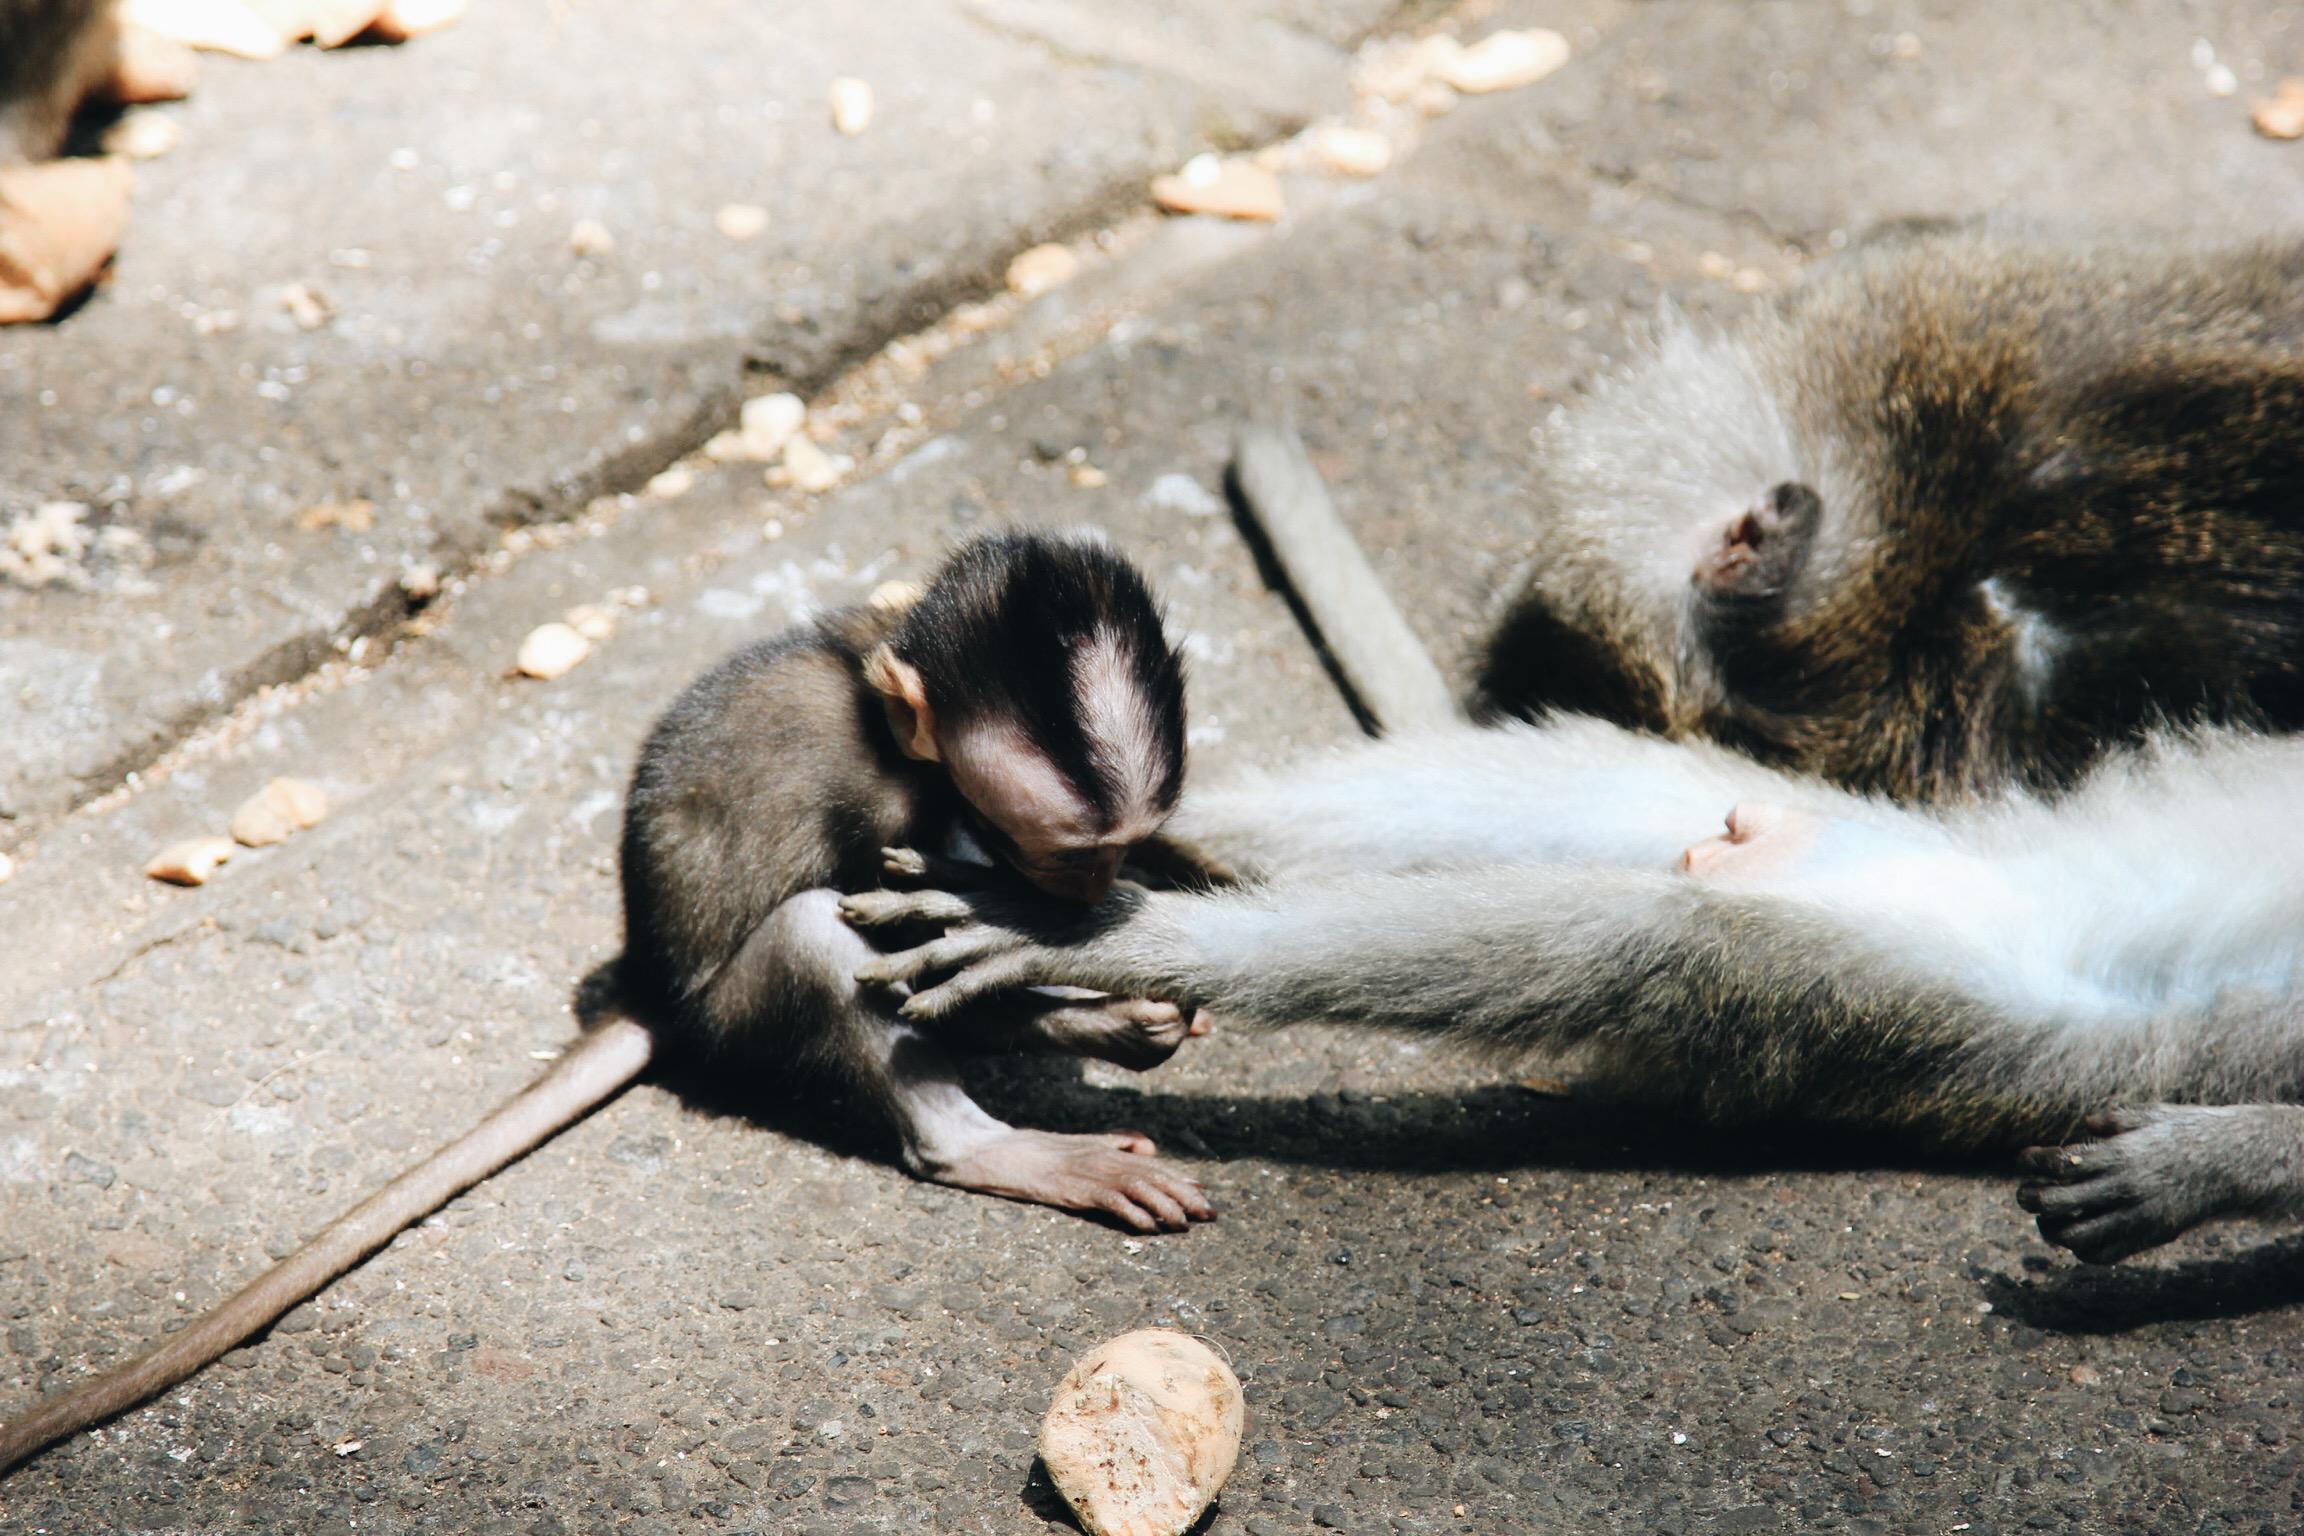 singe-ubud-bali-monkey-forest.JPG